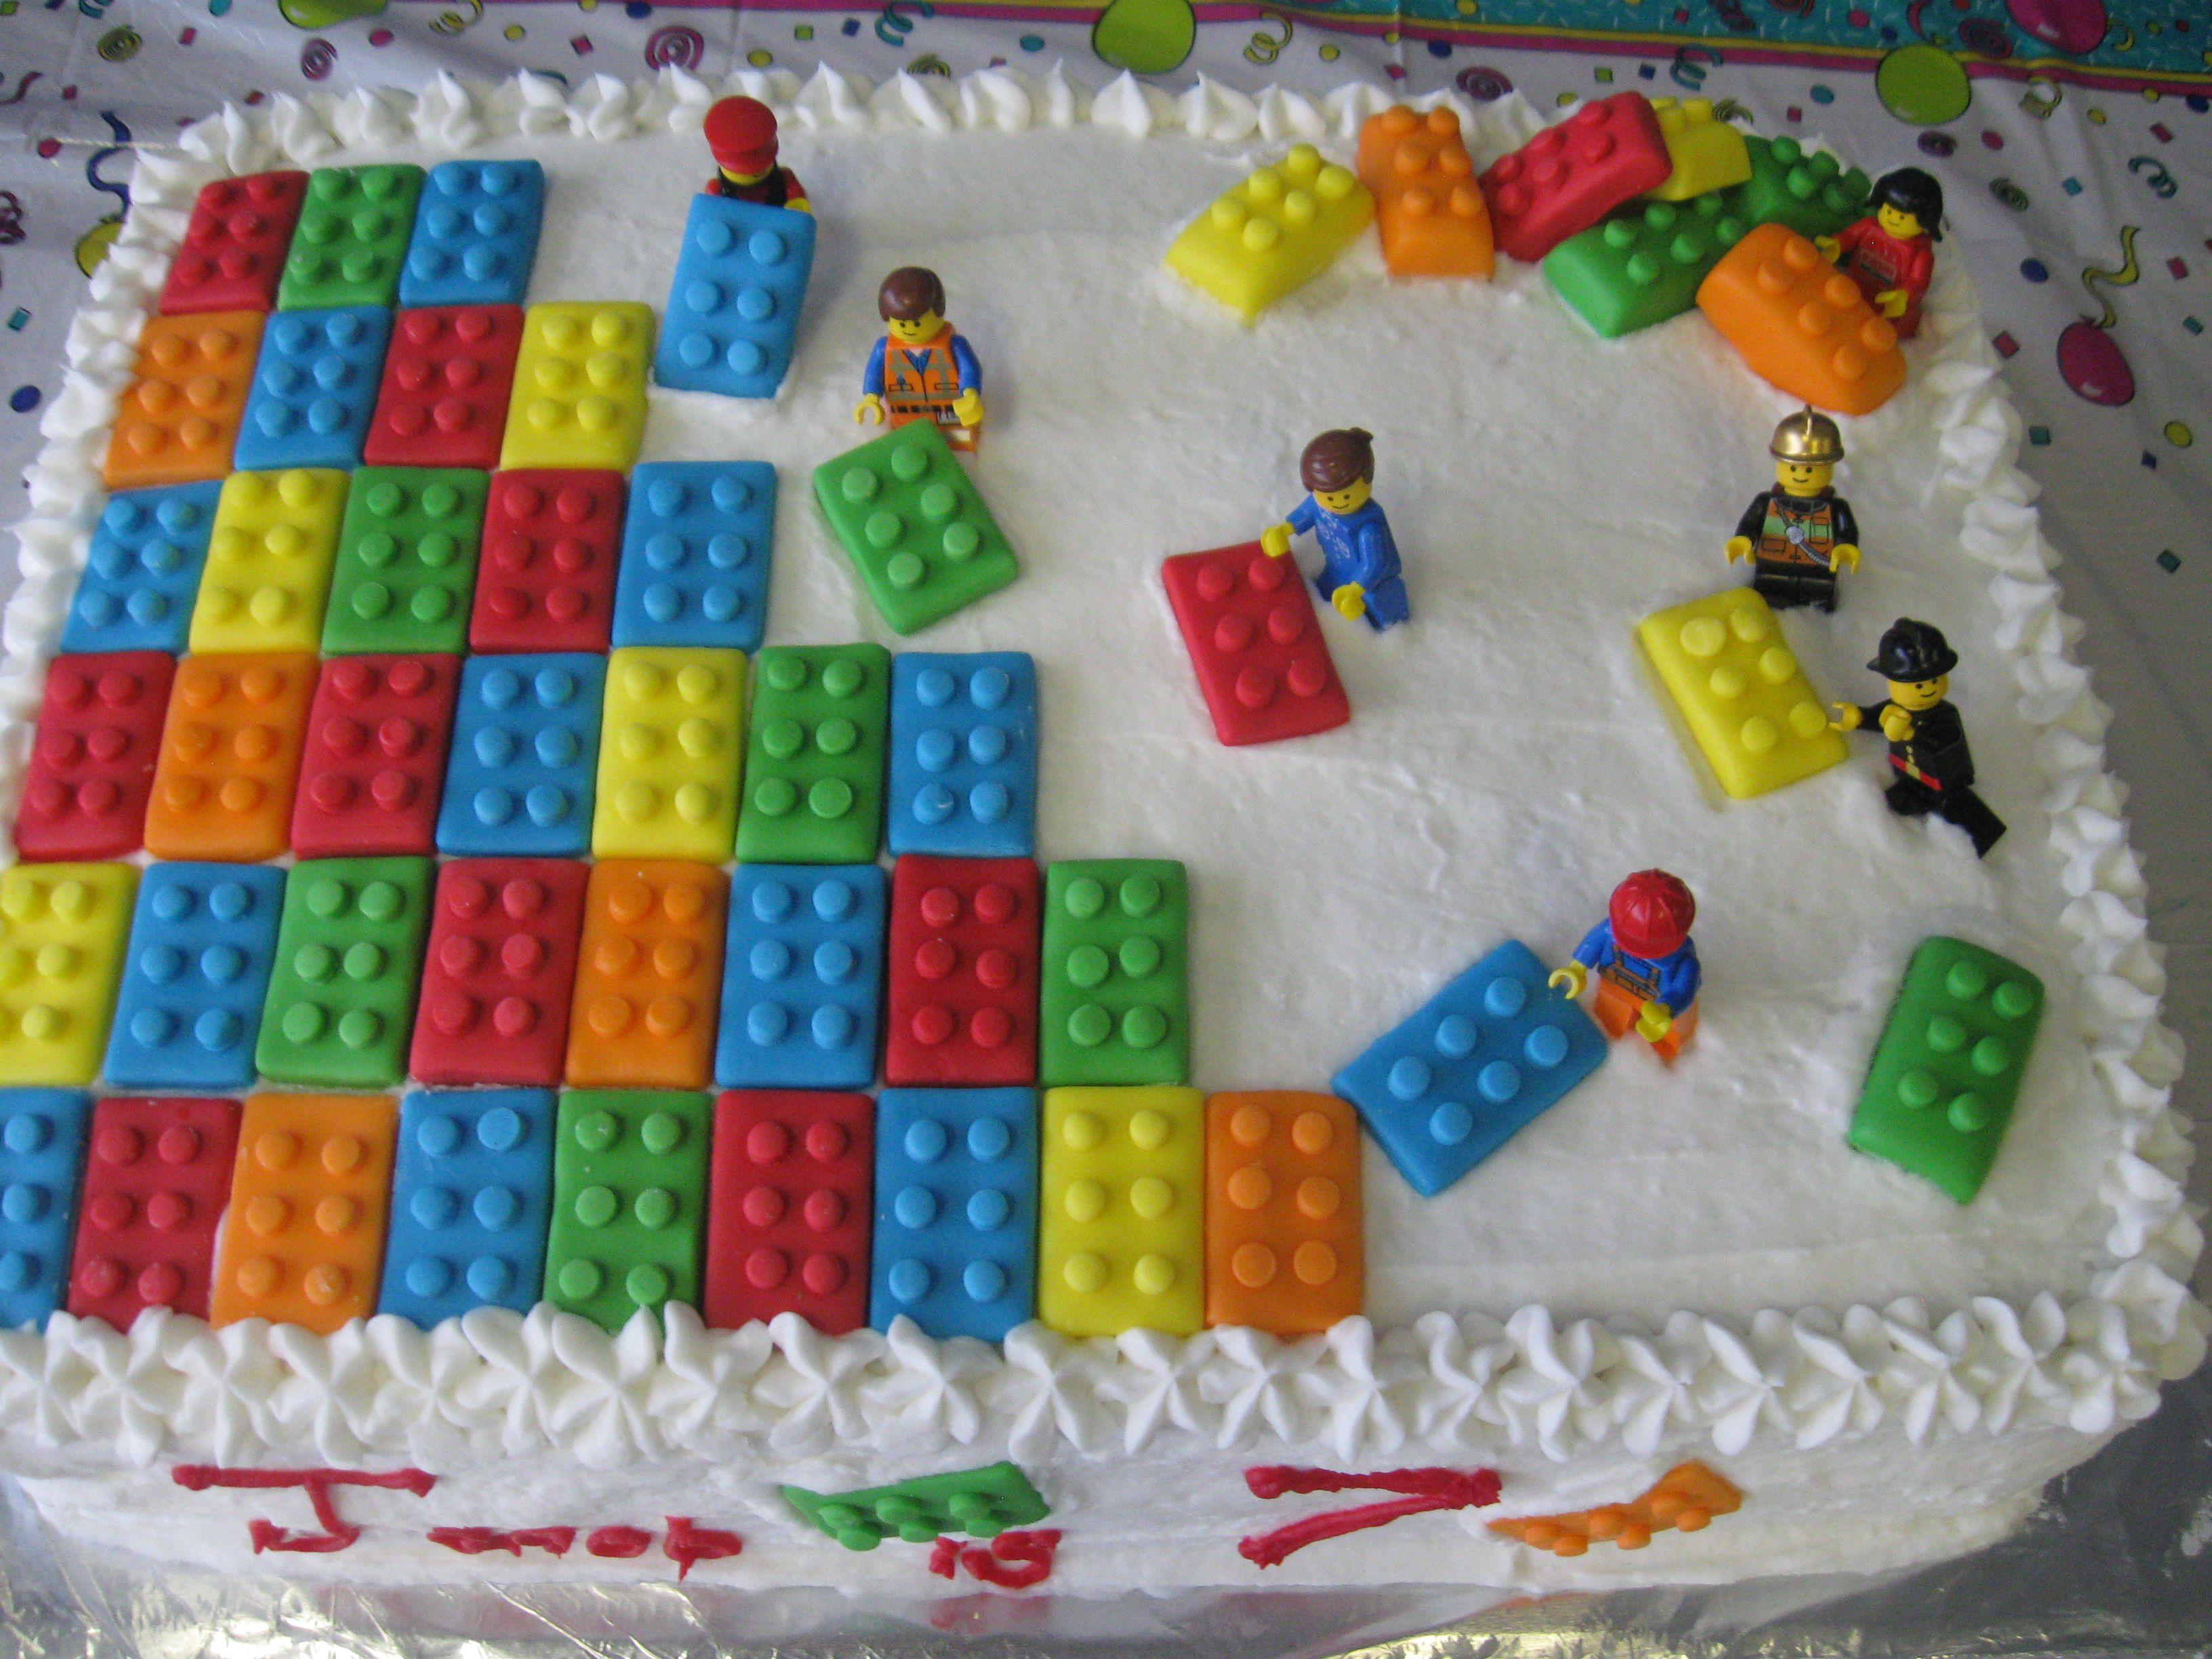 Lego Buttercream Cake Make The Lego Shapes Out Of Fondant Use - Lego birthday cake decorations